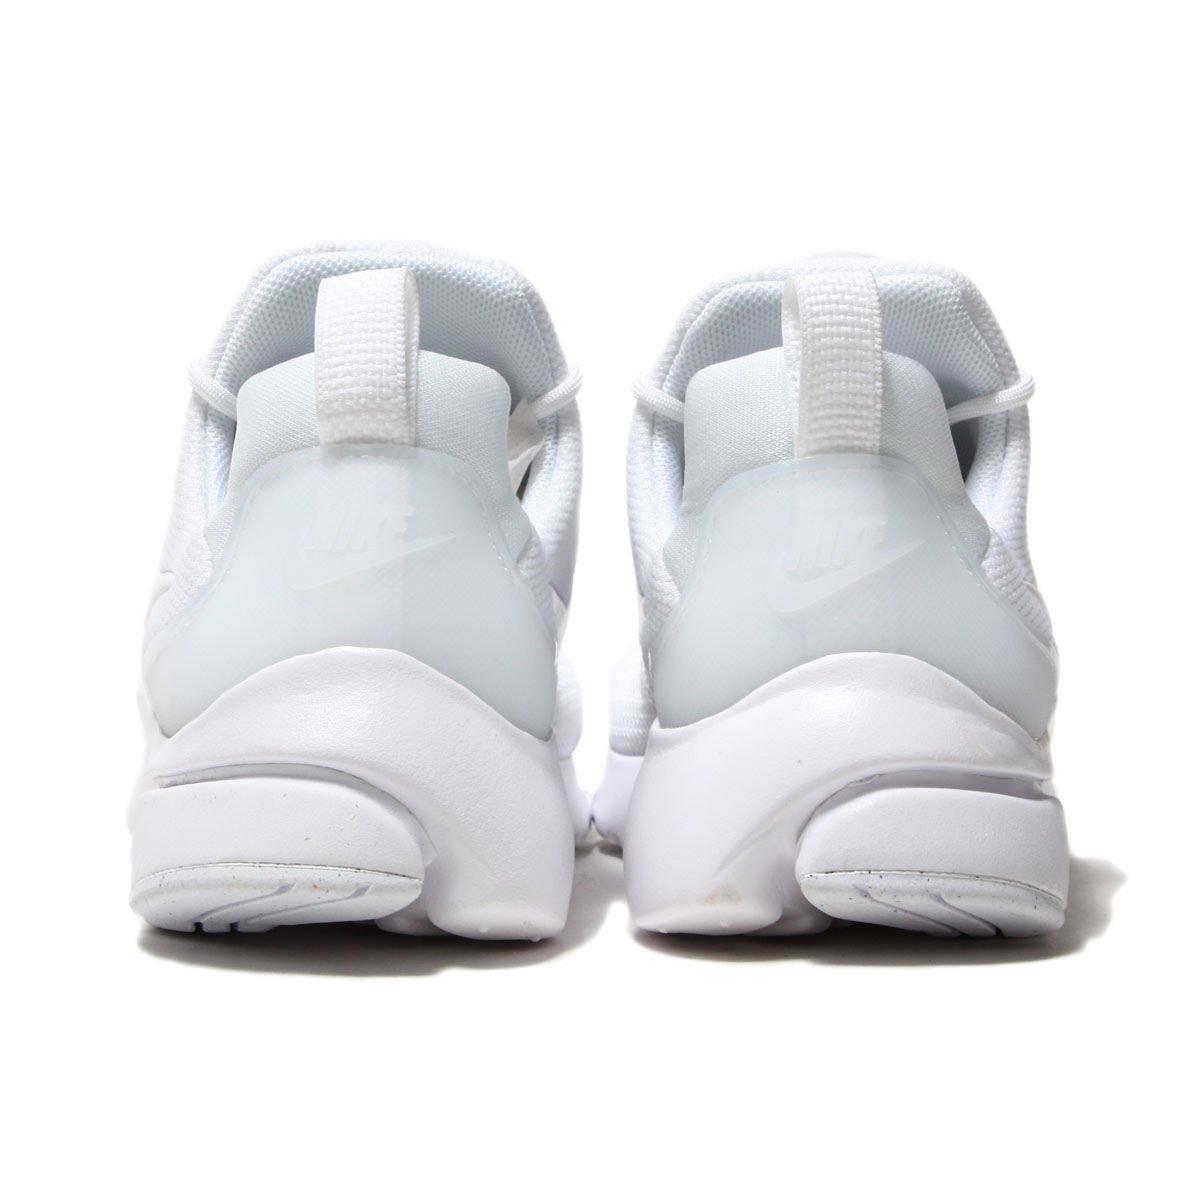 5a0720398f8c6 atmos pink  NIKE WMNS PRESTO FLY (Nike women presto fly) WHITE WHITE ...